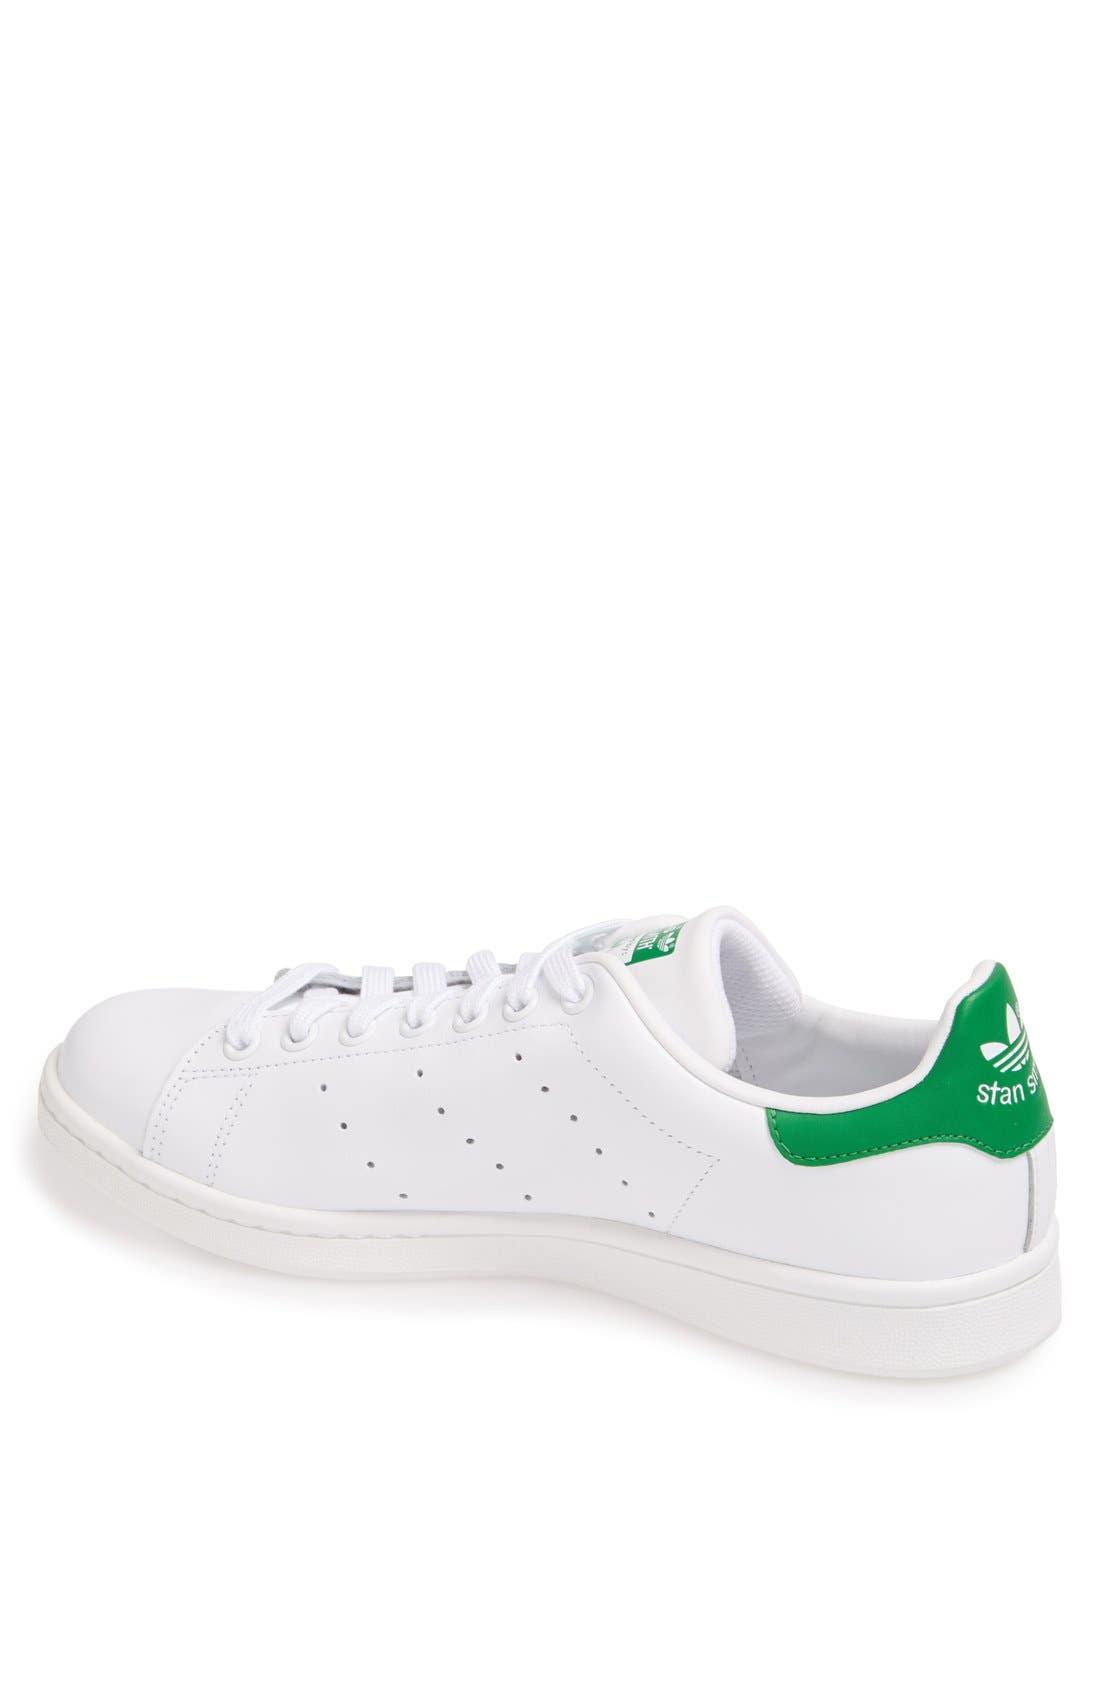 'Stan Smith' Sneaker,                             Alternate thumbnail 2, color,                             WHITE/ FAIRWAY